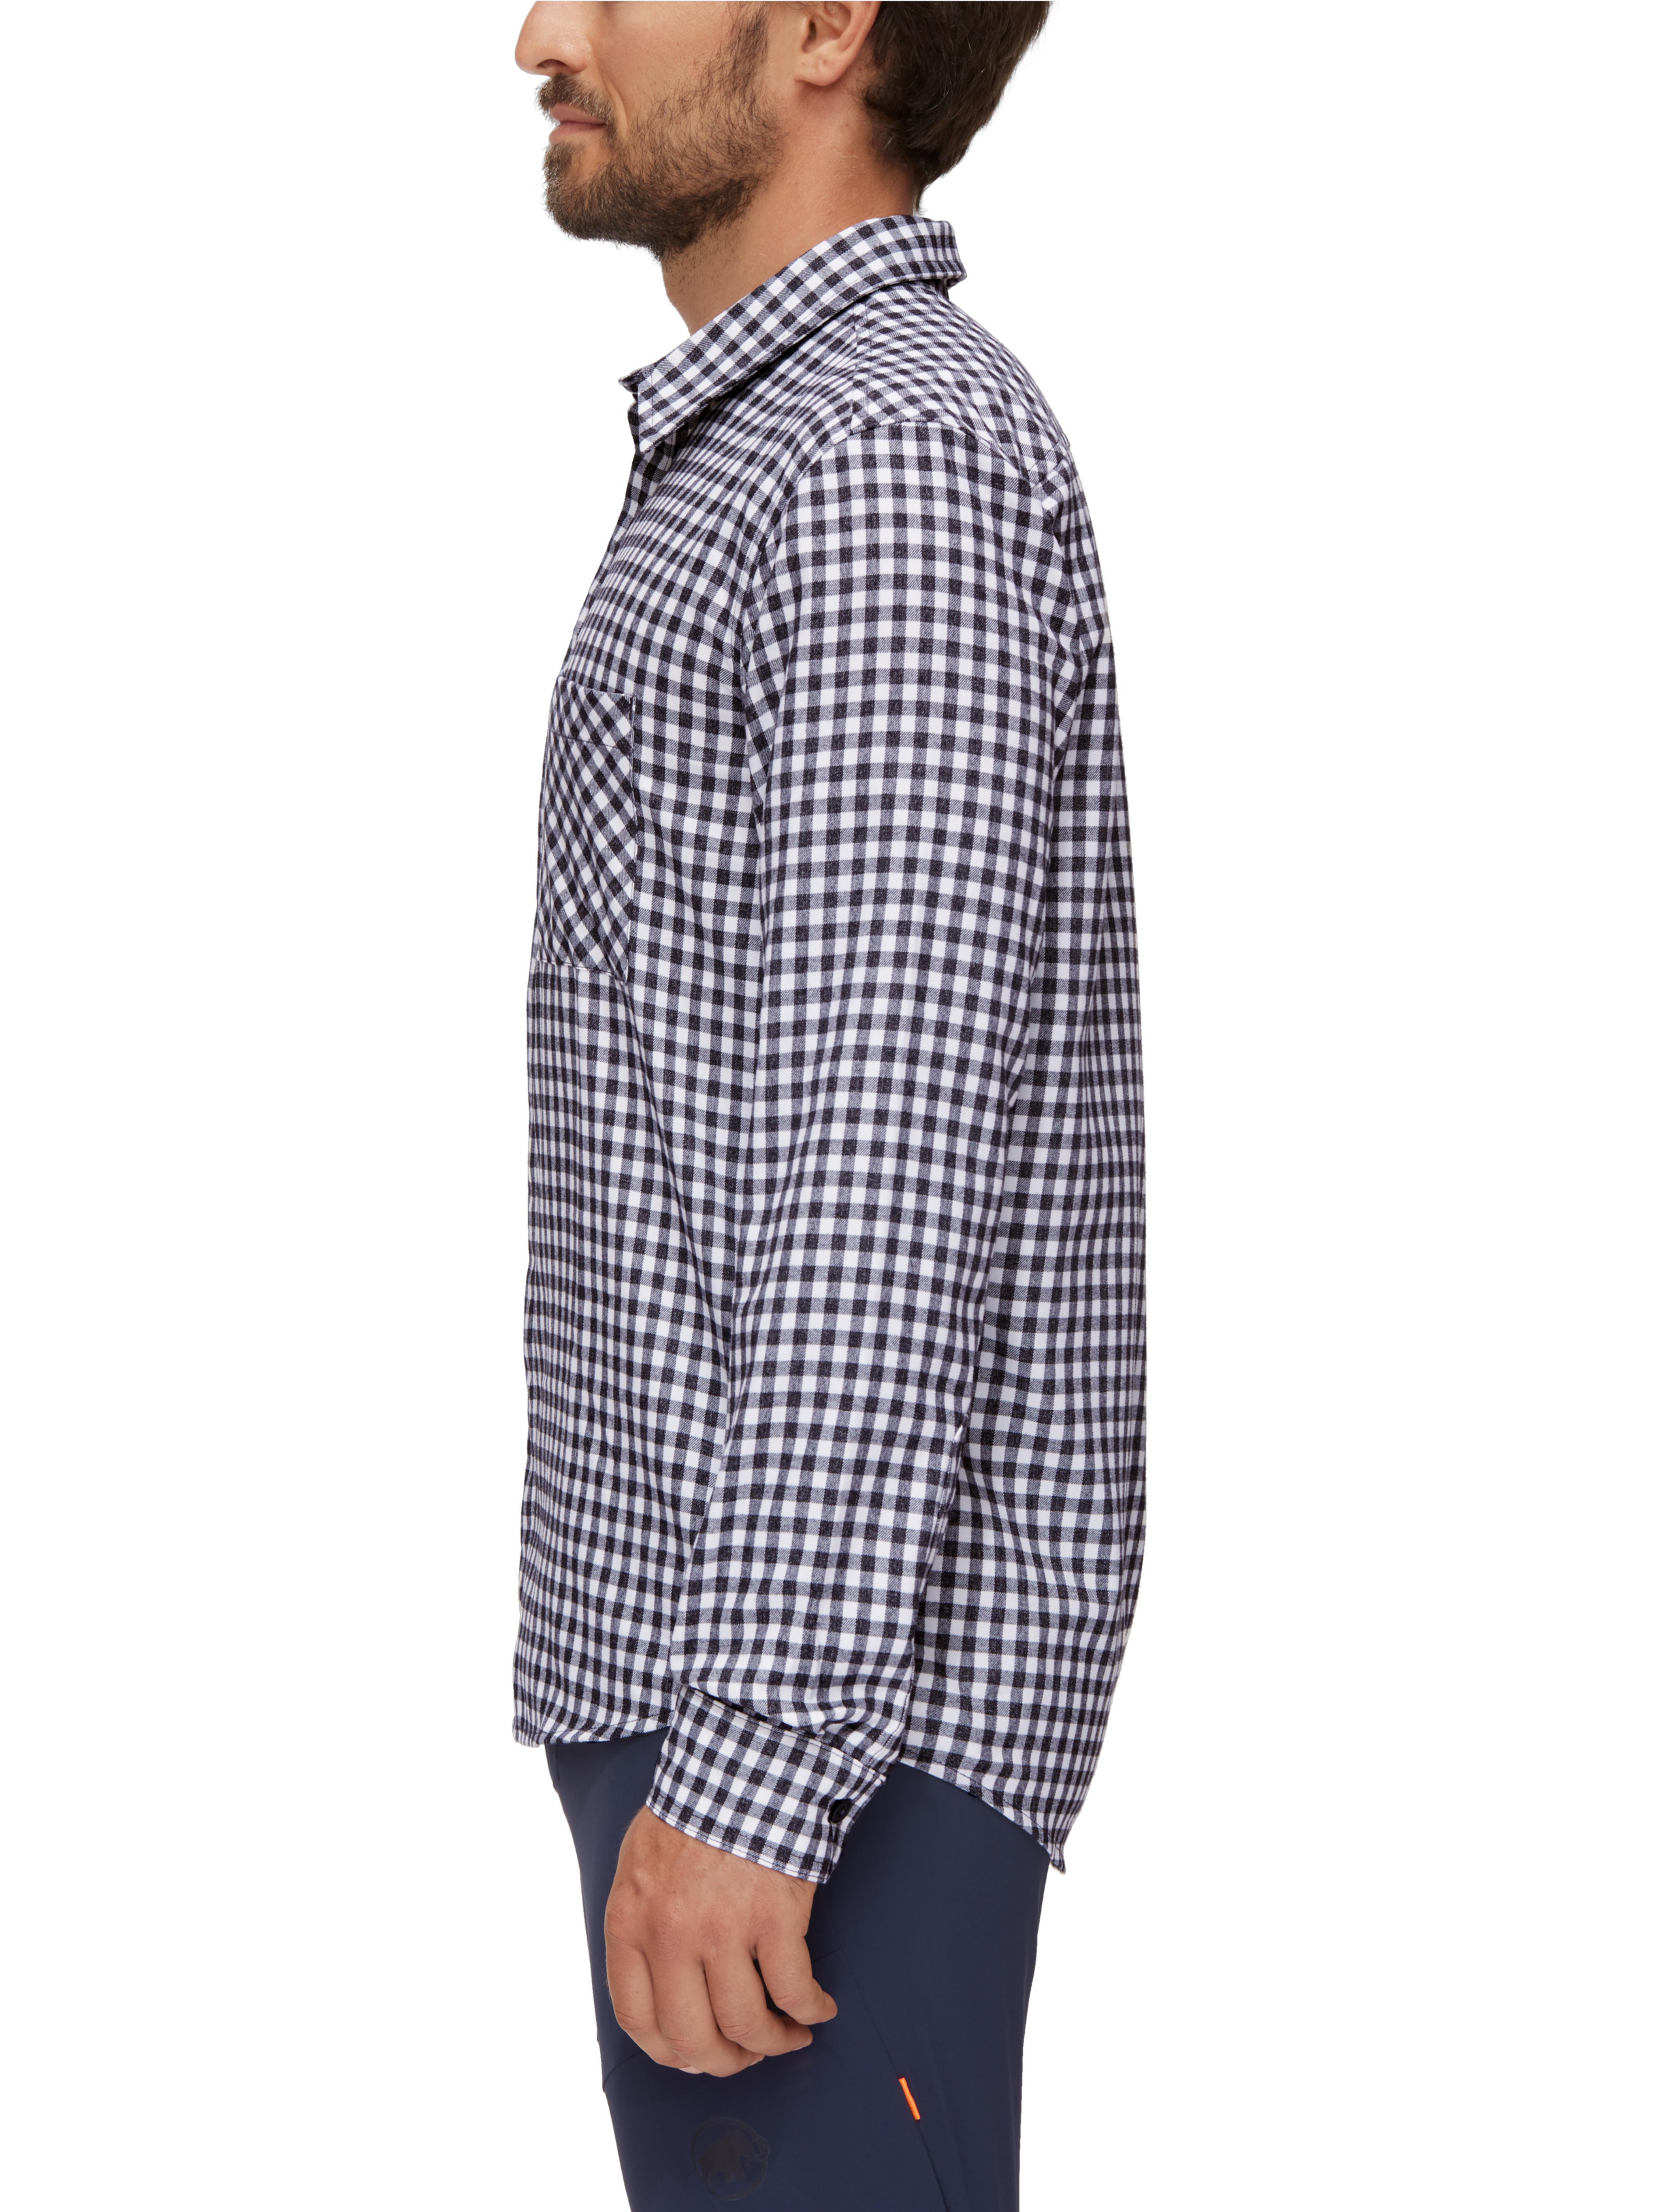 Winter Longsleeve Shirt Men product image